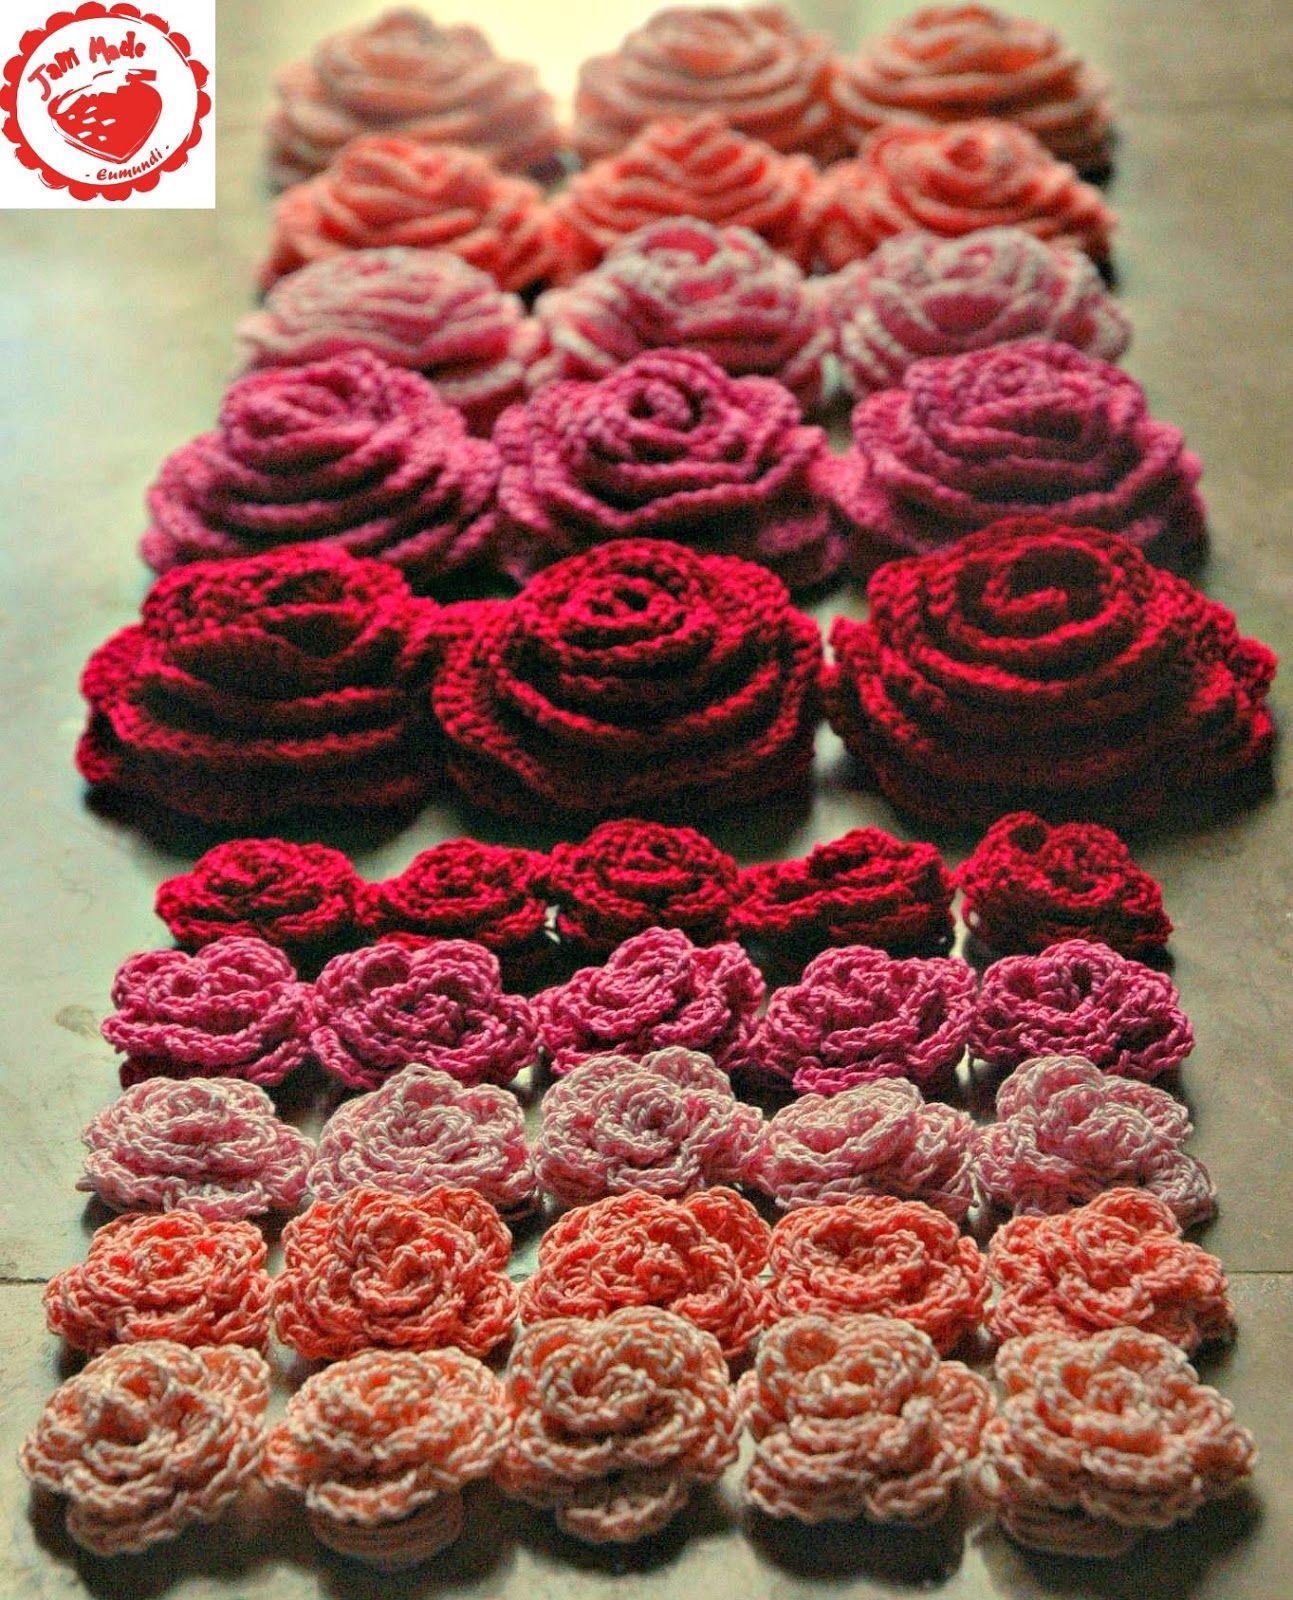 Gehäkelte Rosen   häkeln taschen zubehör   Pinterest   Rose, Häkeln ...